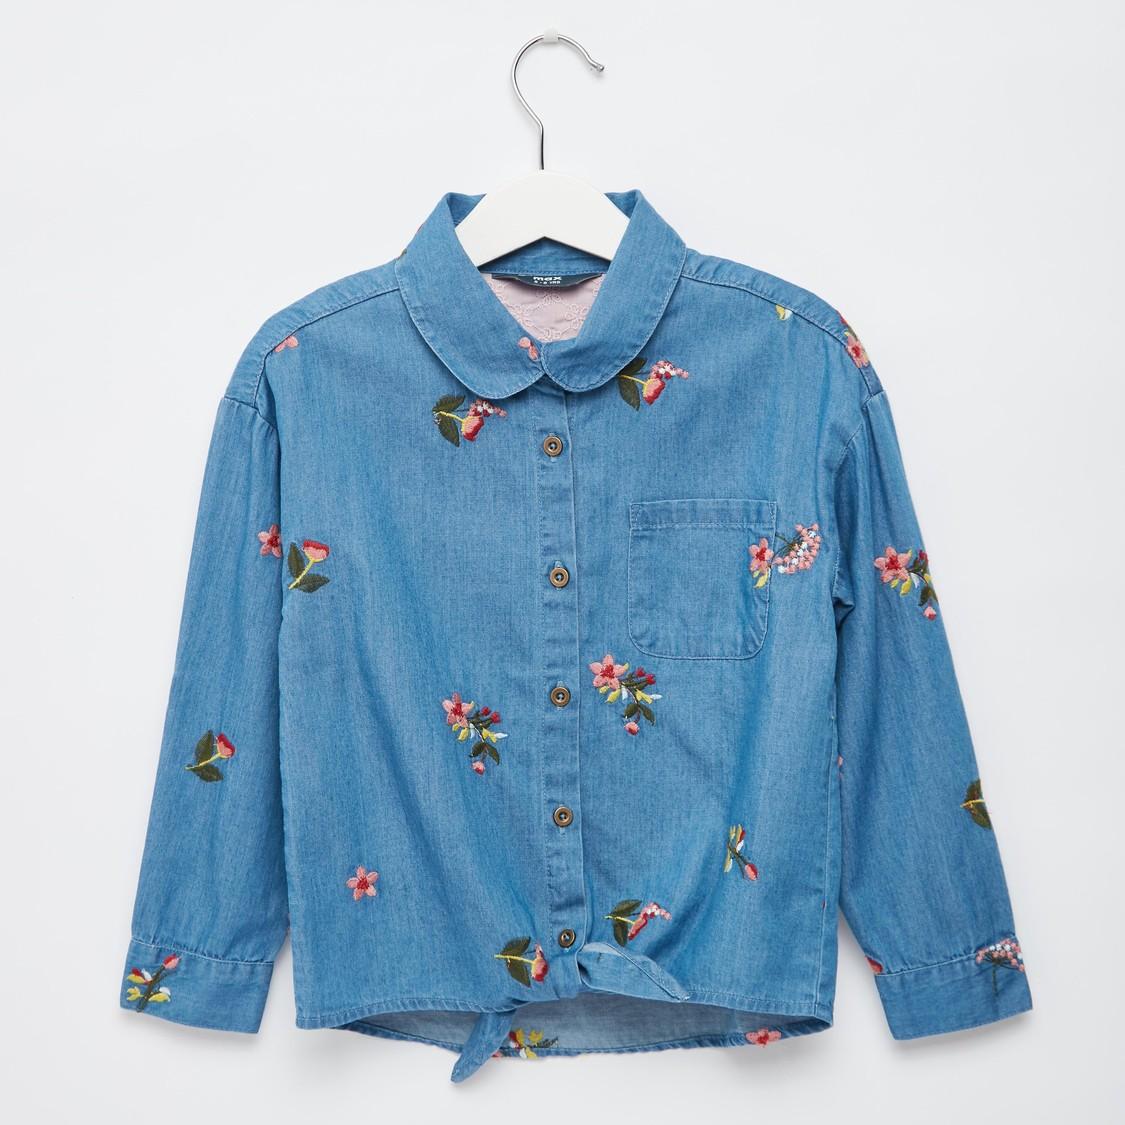 قميص دينم بتفاصيل مطرّزة وأكمام طويلة وتفاصيل عقدة